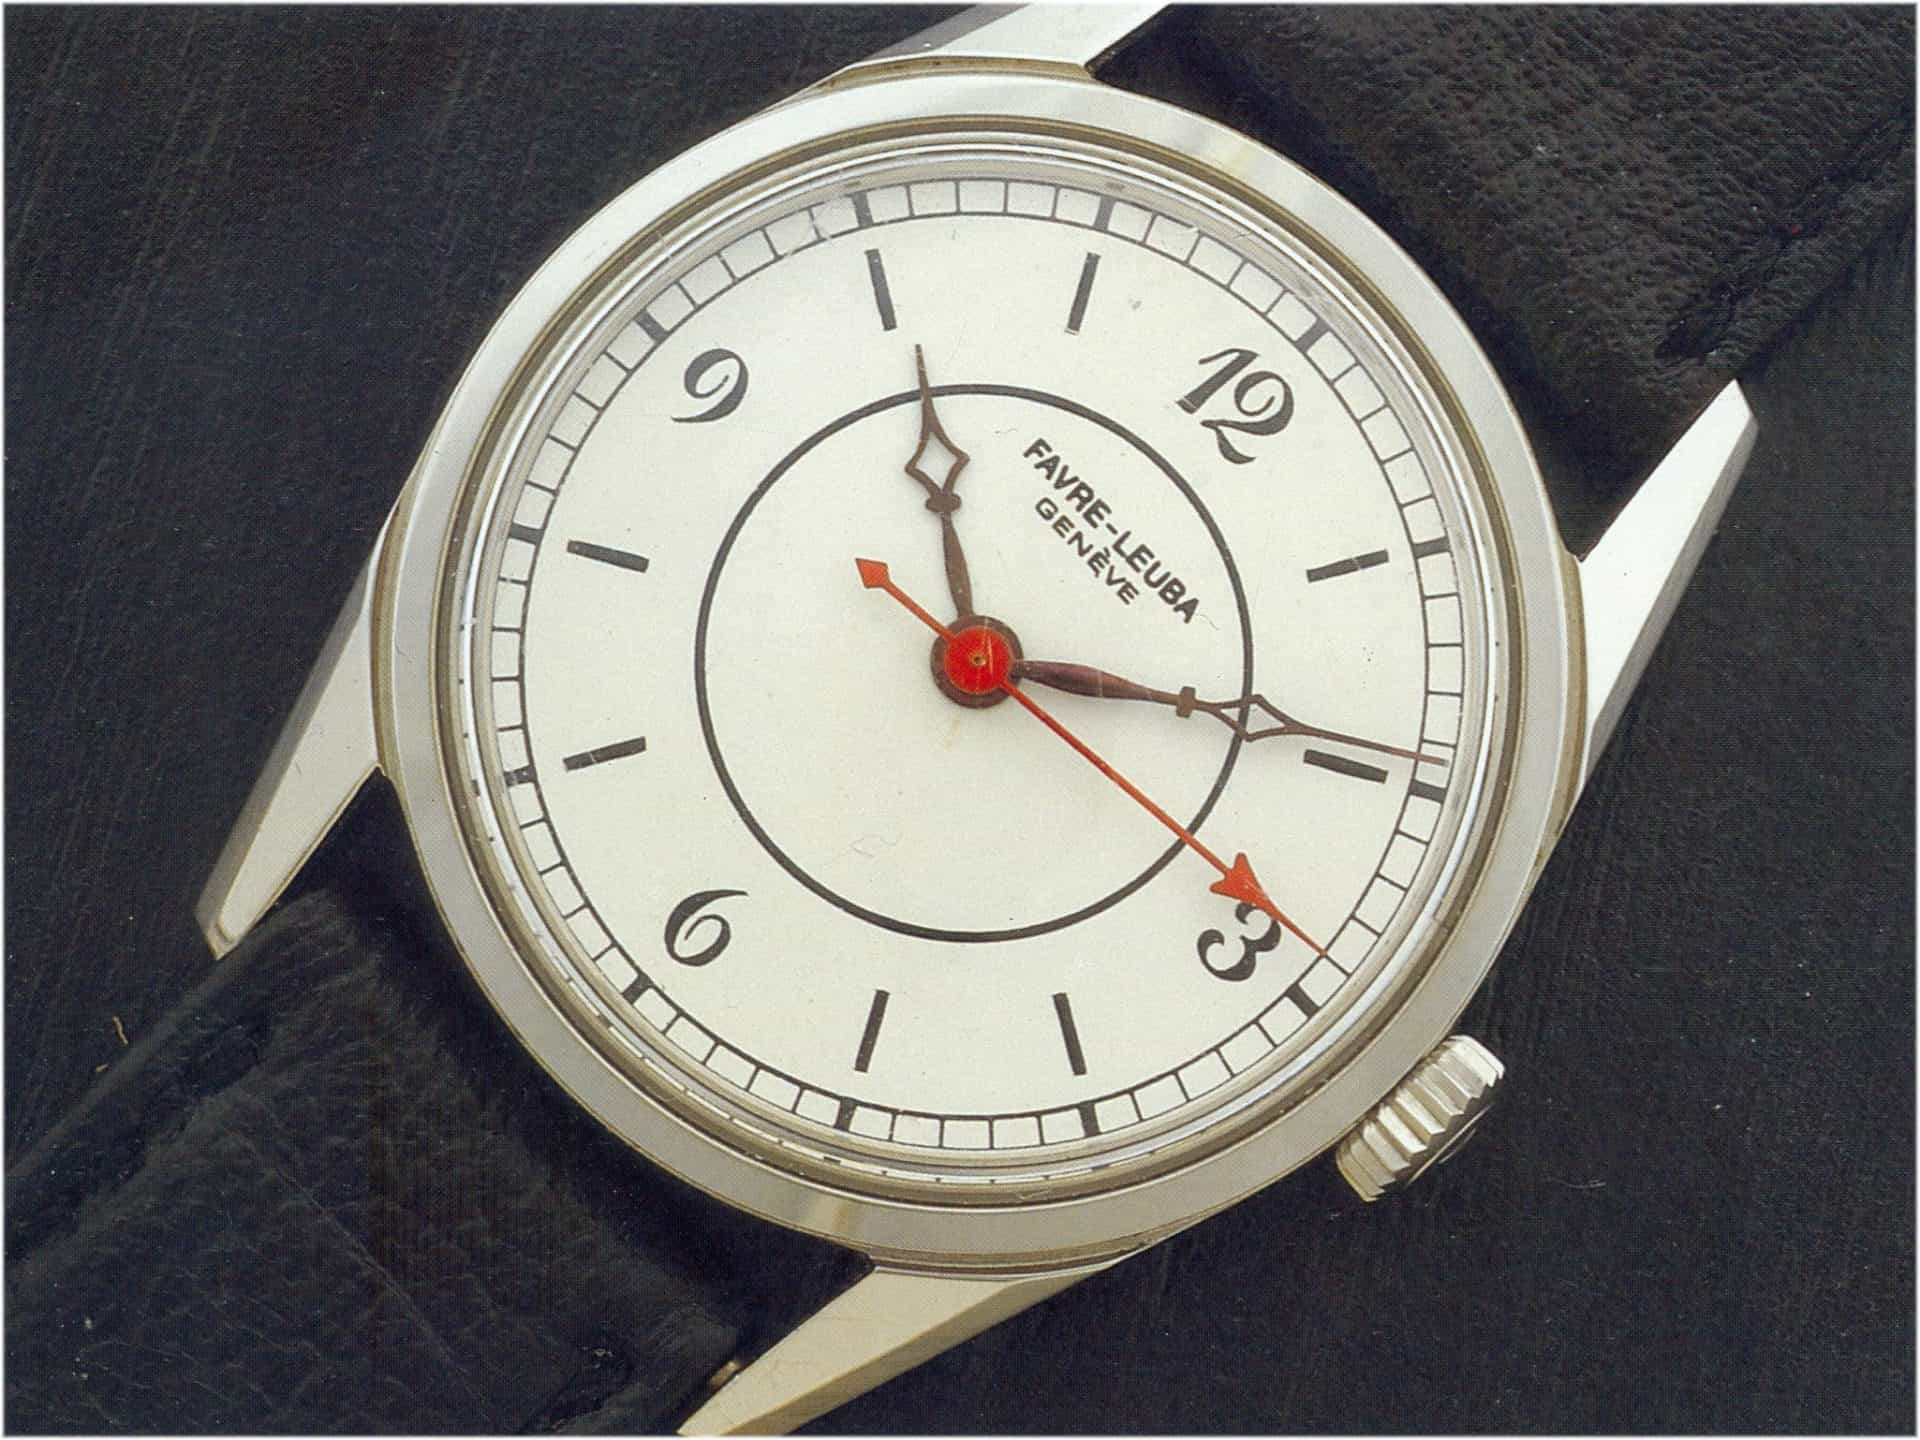 Handaufzug Kaliber 253 - 1962 Gesicht (C) Uhrenkosmos